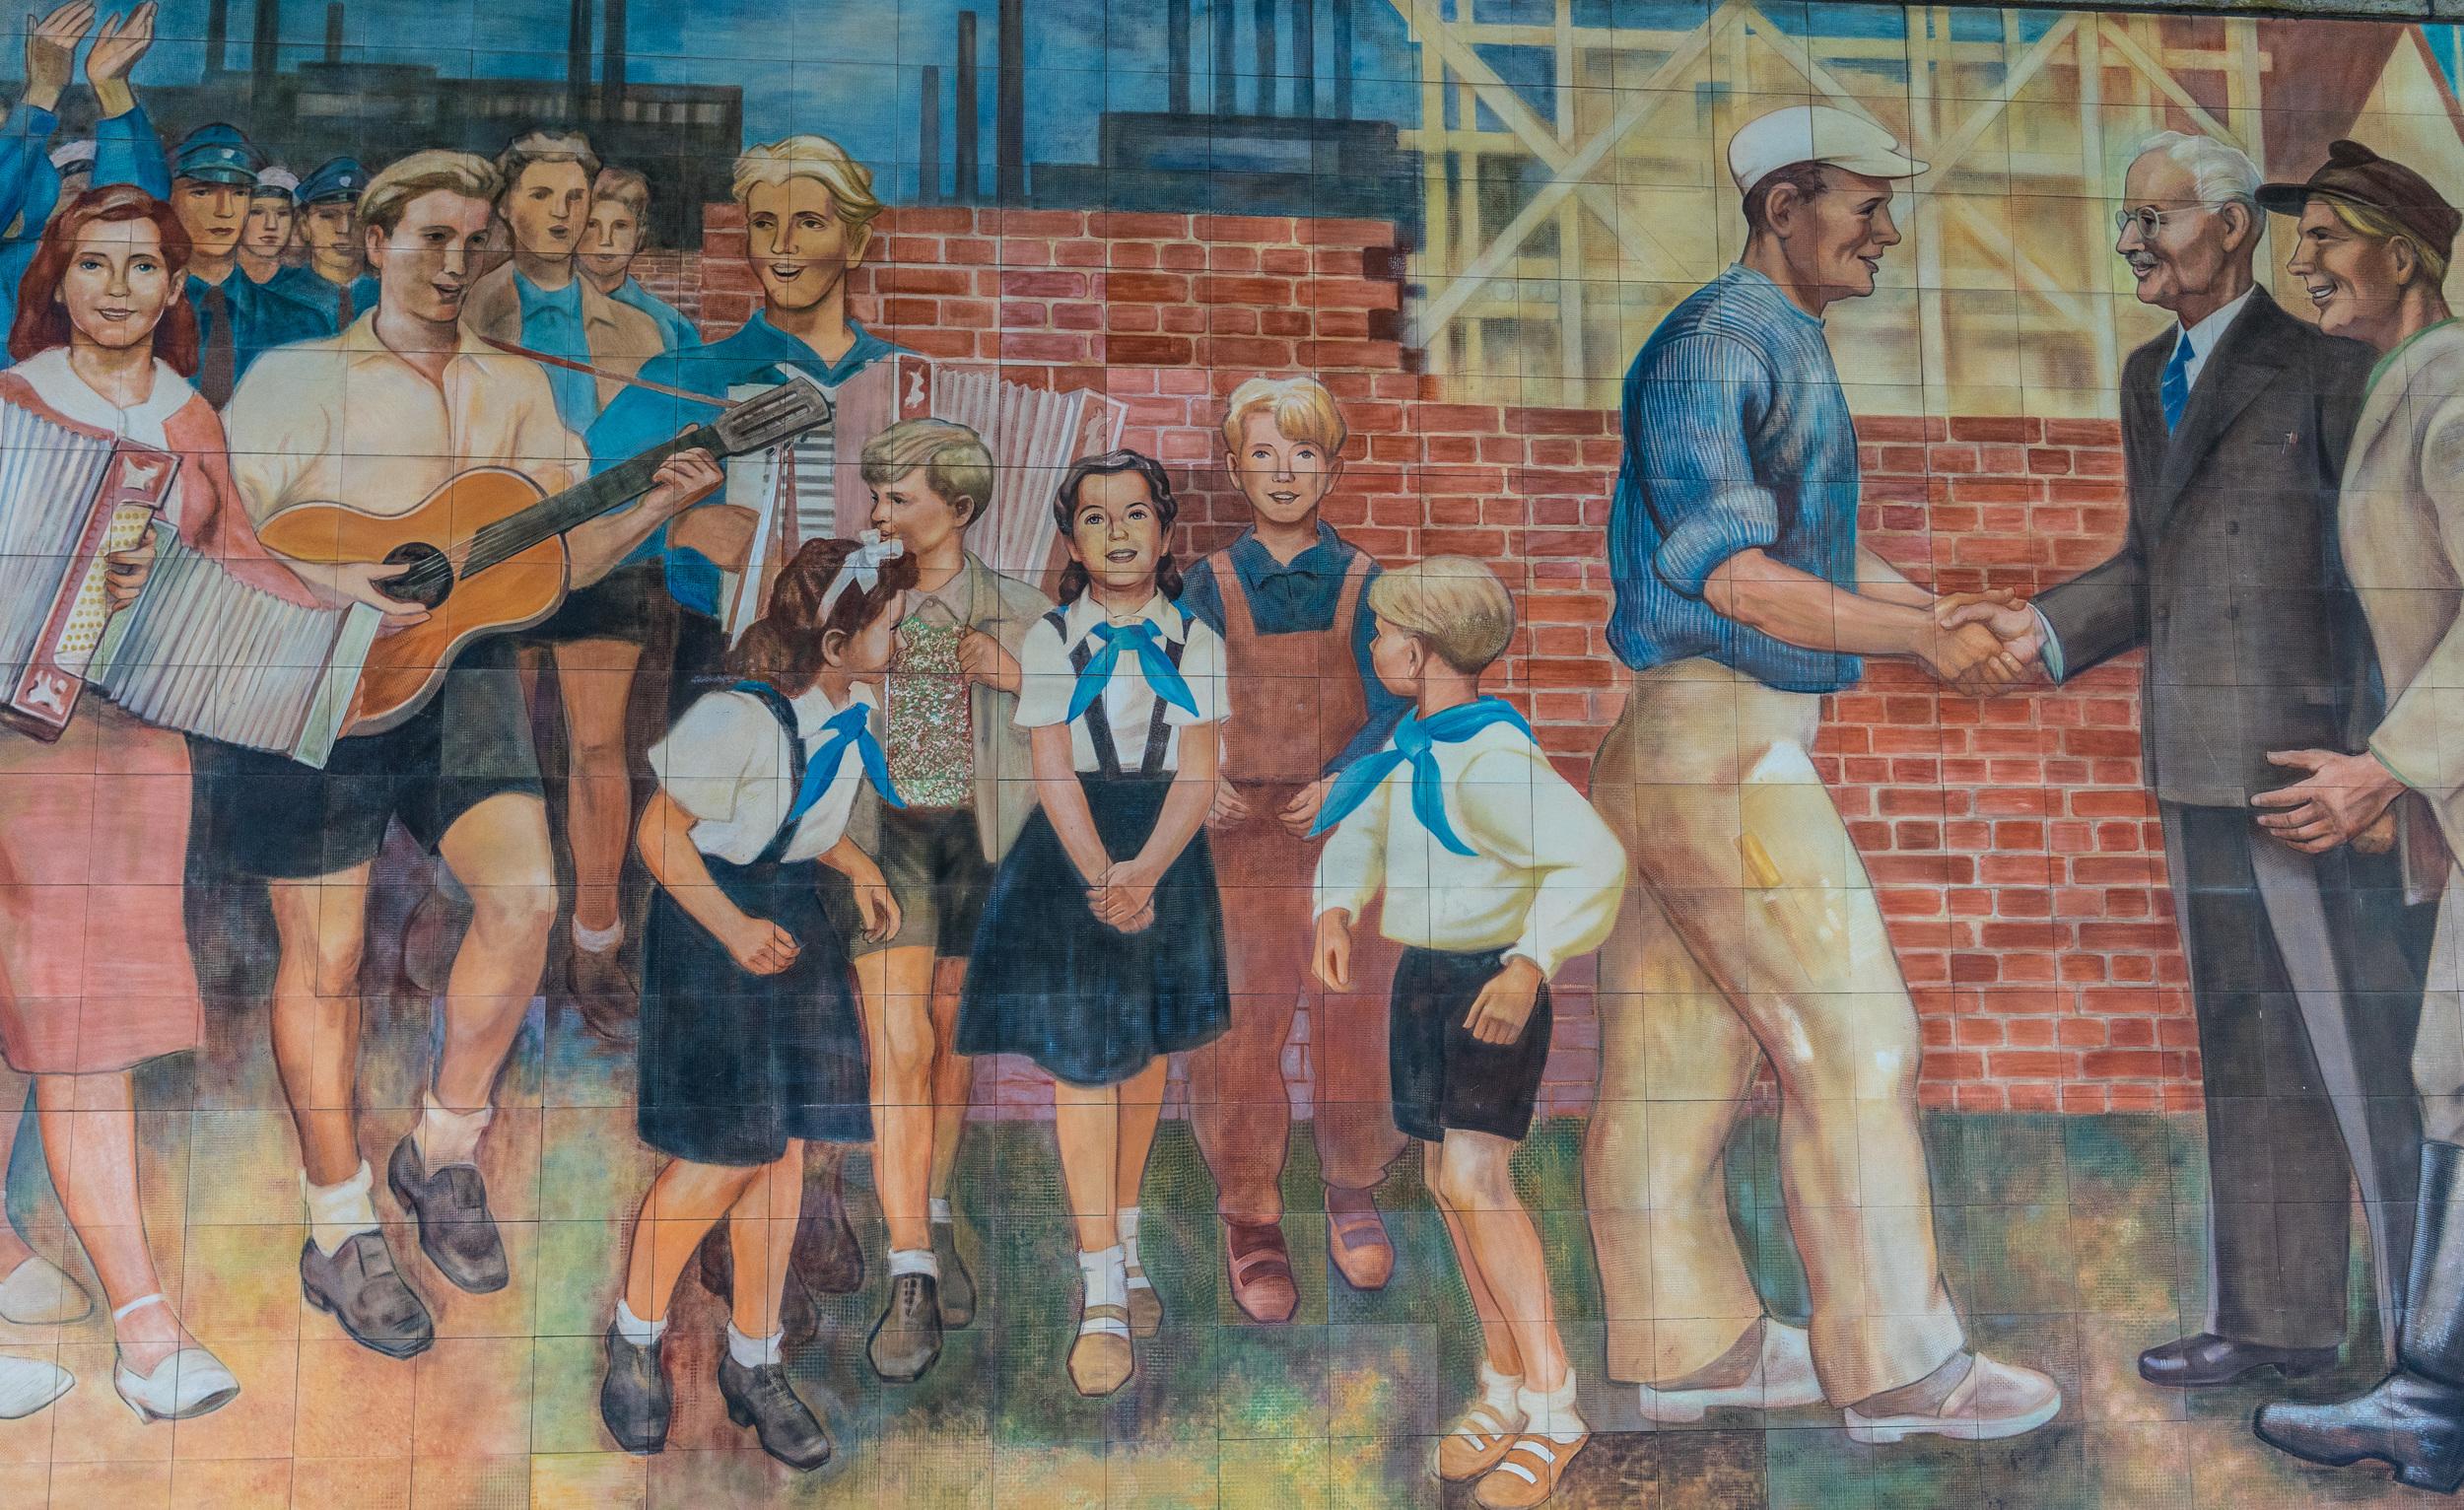 GDR Socialist mural